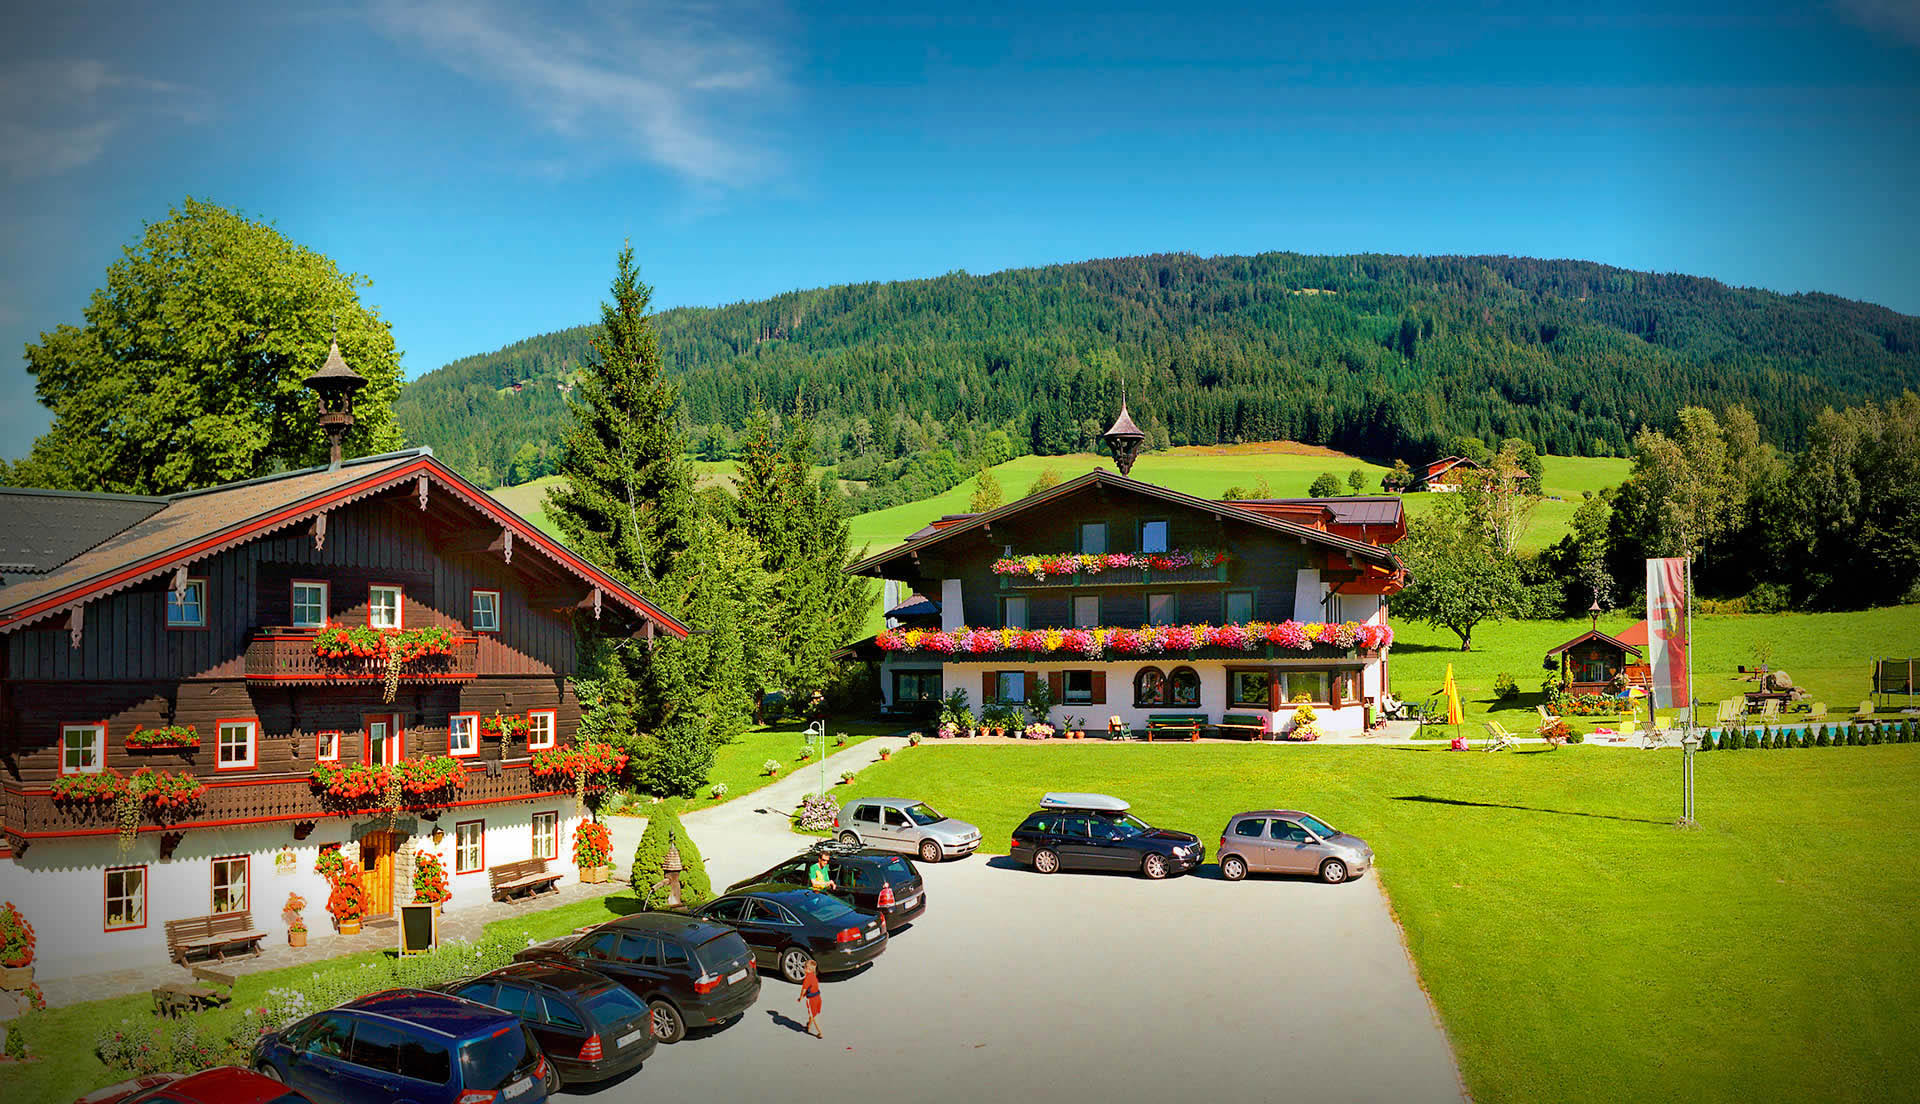 Urlaub am Bauernhof in Radstadt, Salzburger Land - Obersulzberggut